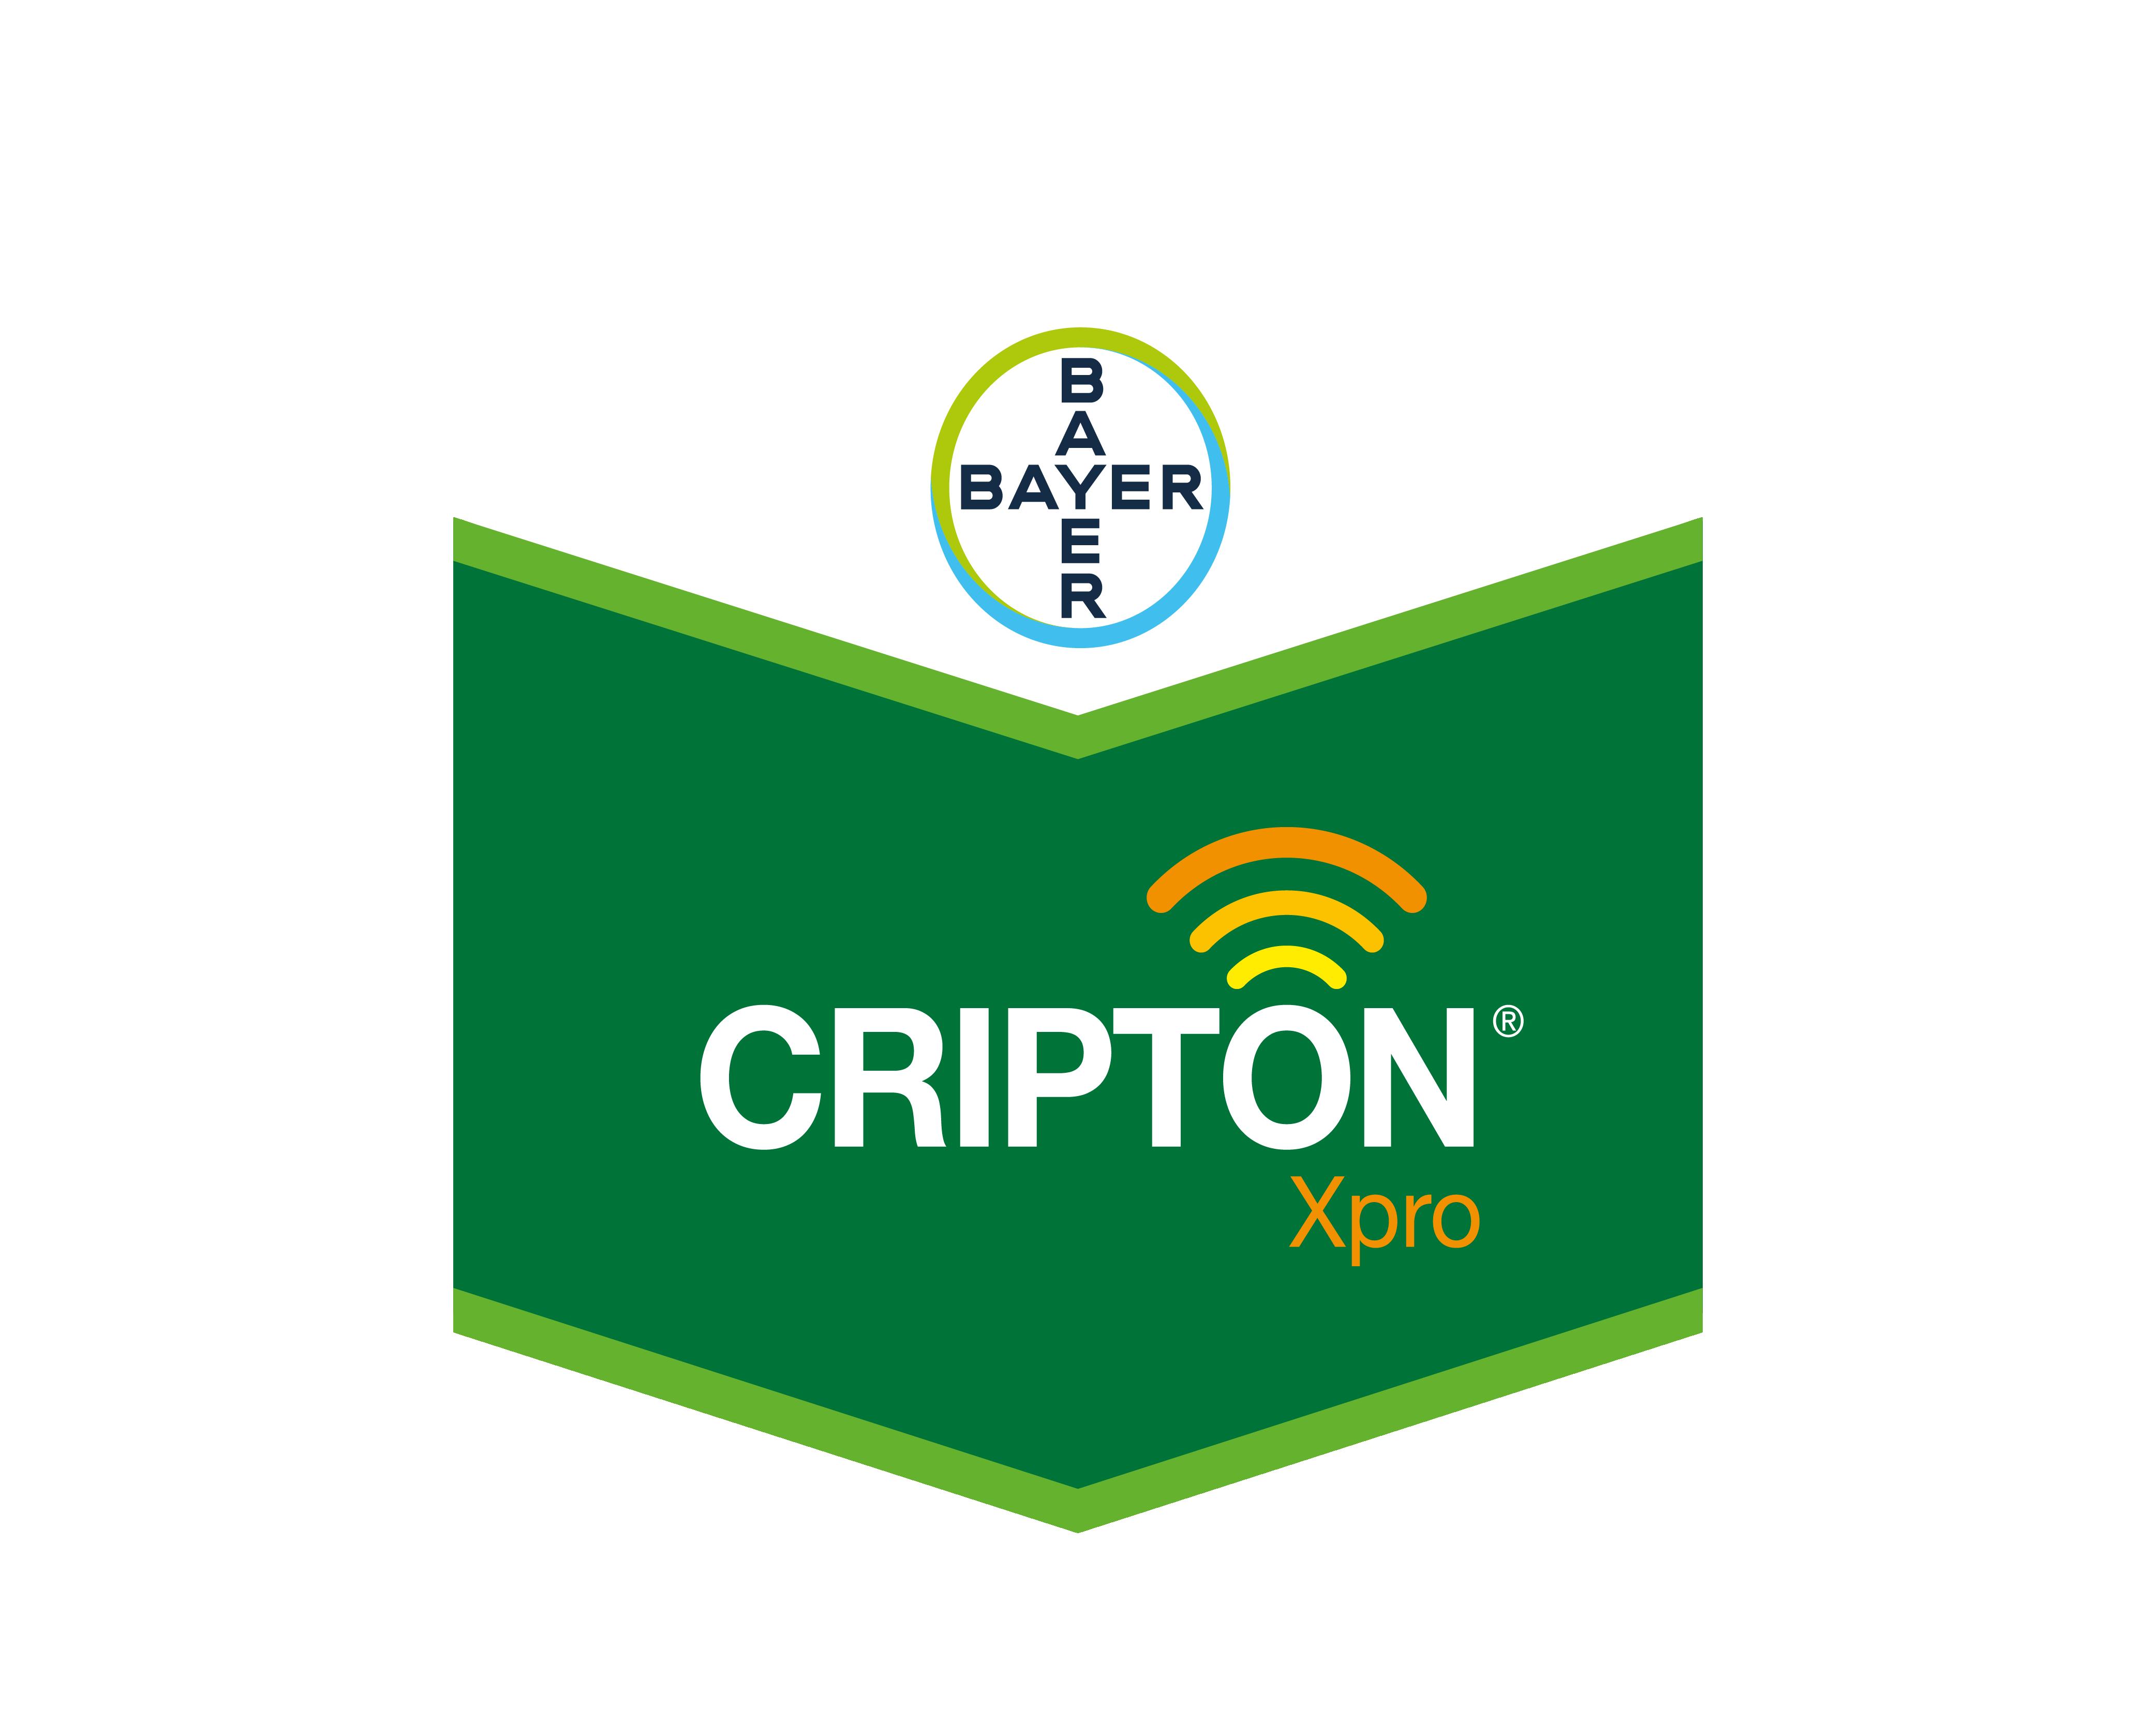 cripton xpro